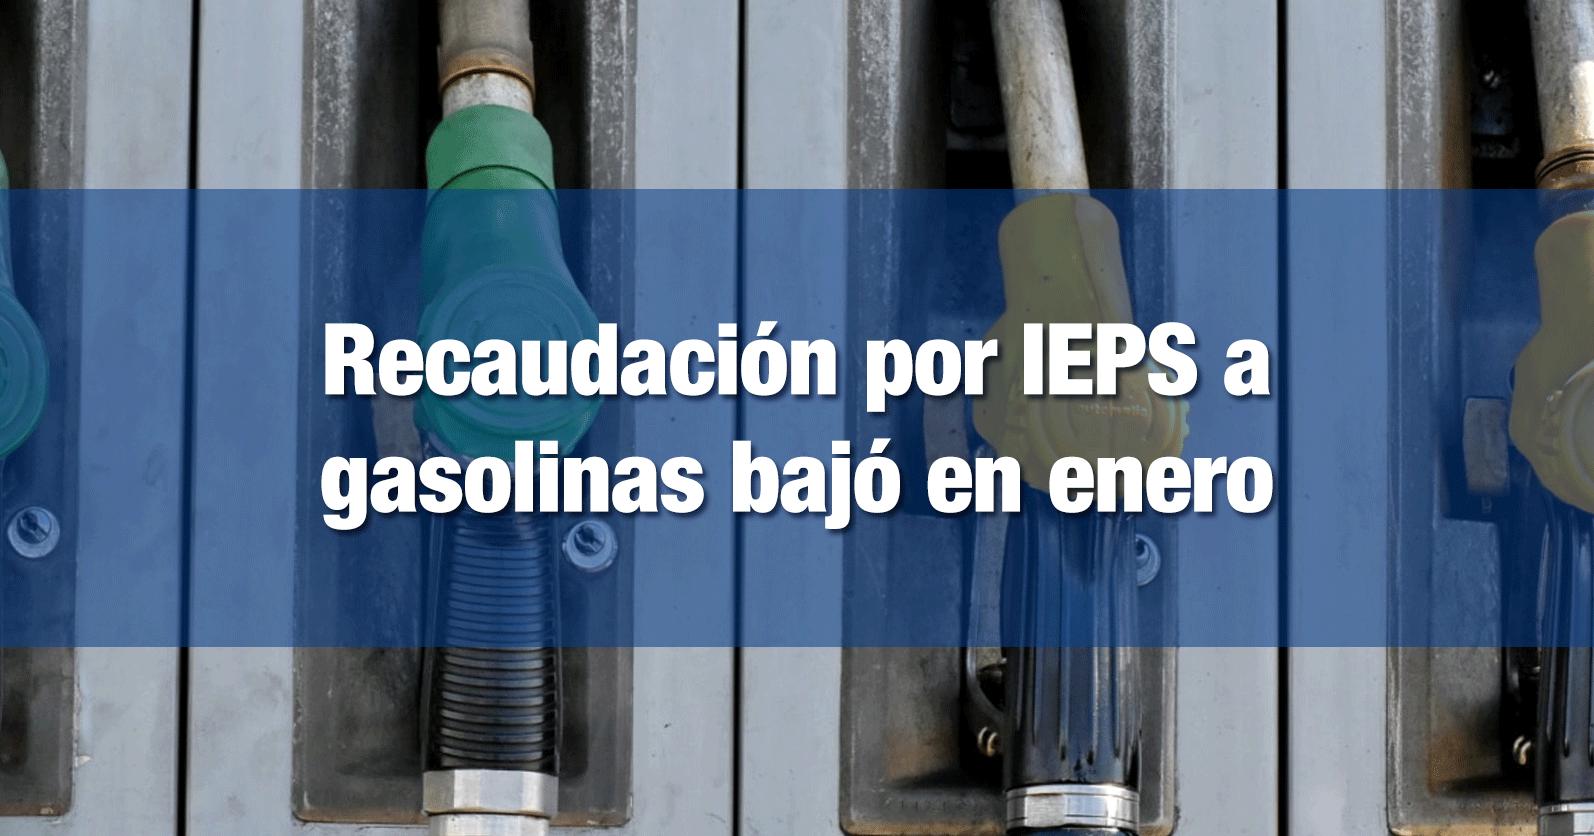 Recaudación por IEPS a gasolinas bajó en enero